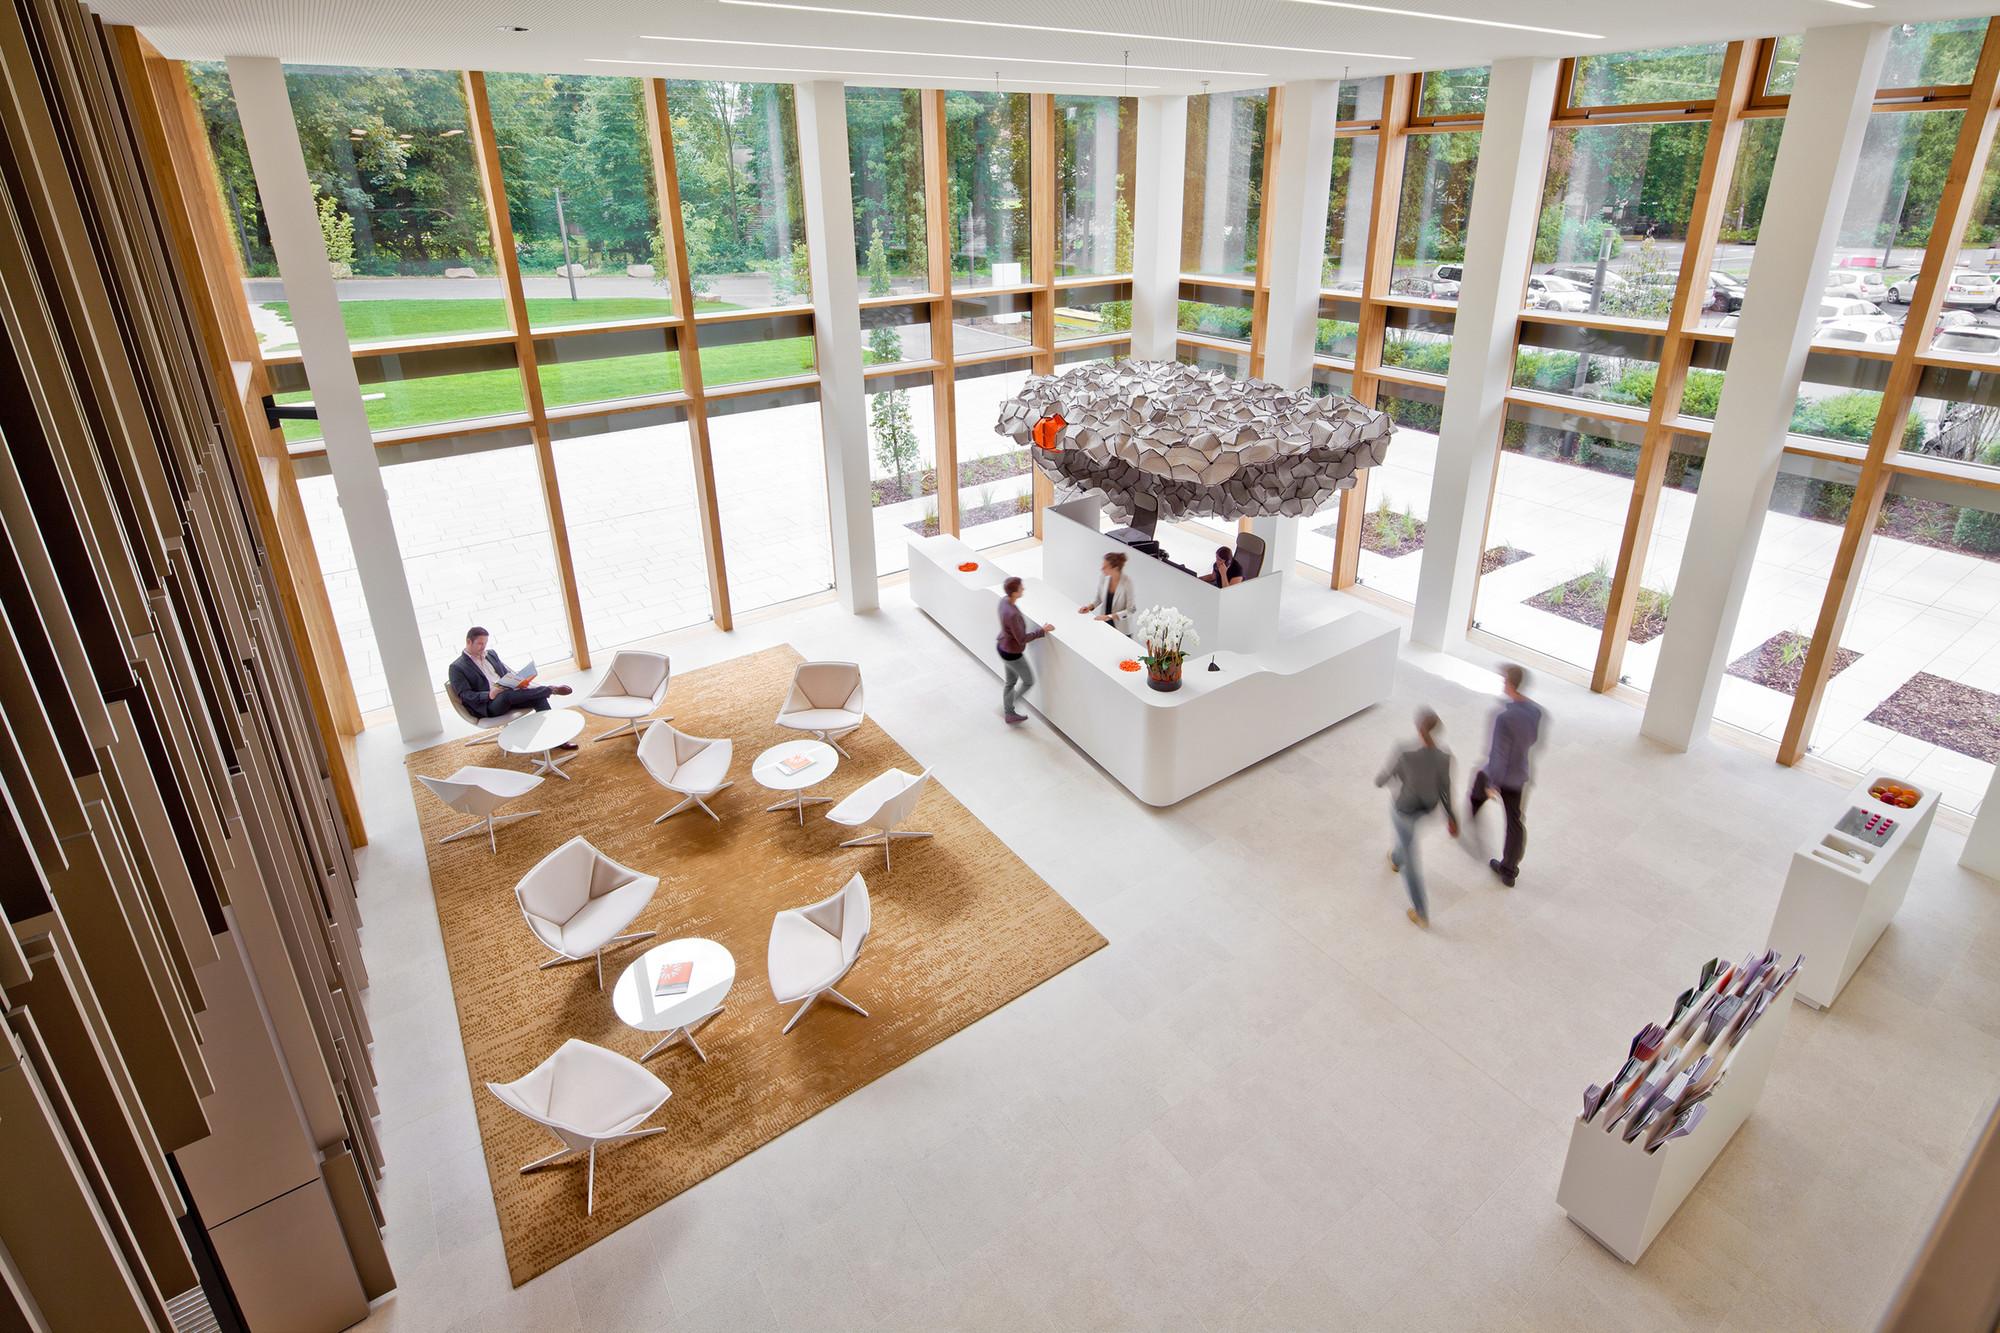 Enovos Luxembourg Headquarter  / Jim Clemes Atelier d´Architecture et de Design, © Steve Troes Fotodesign